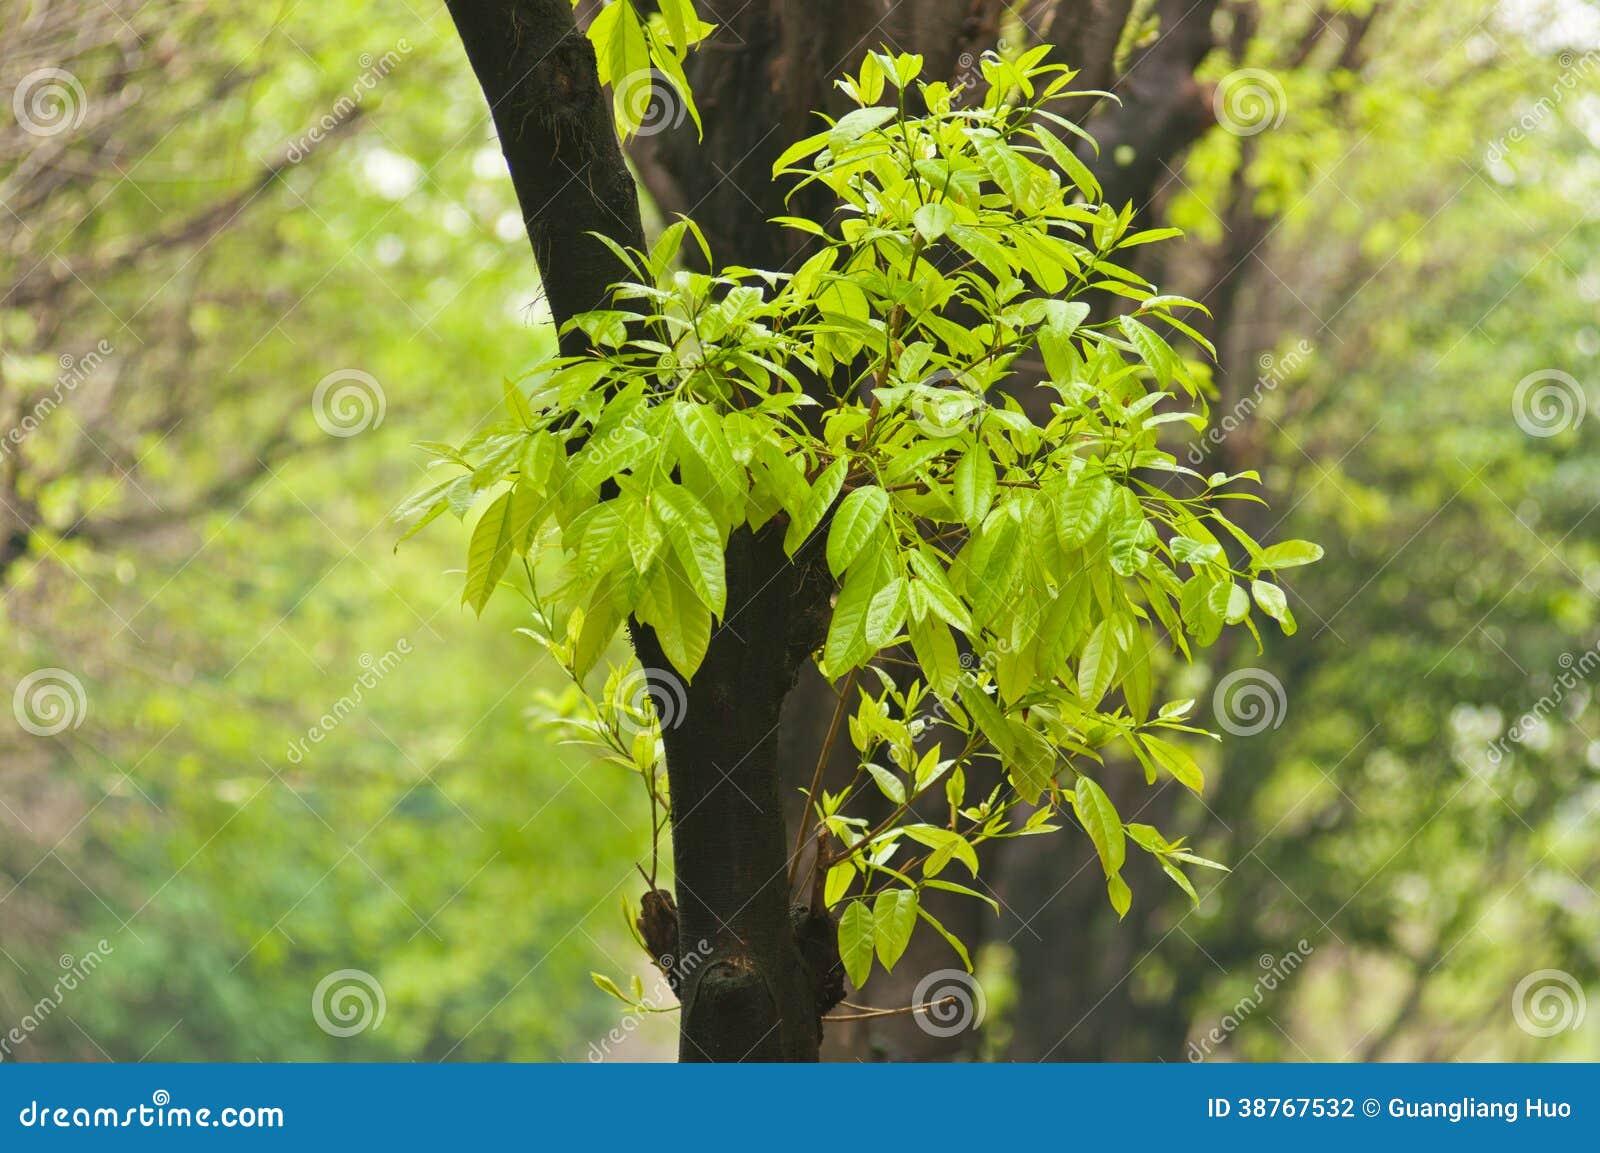 榕树新的叶子在春天.图片